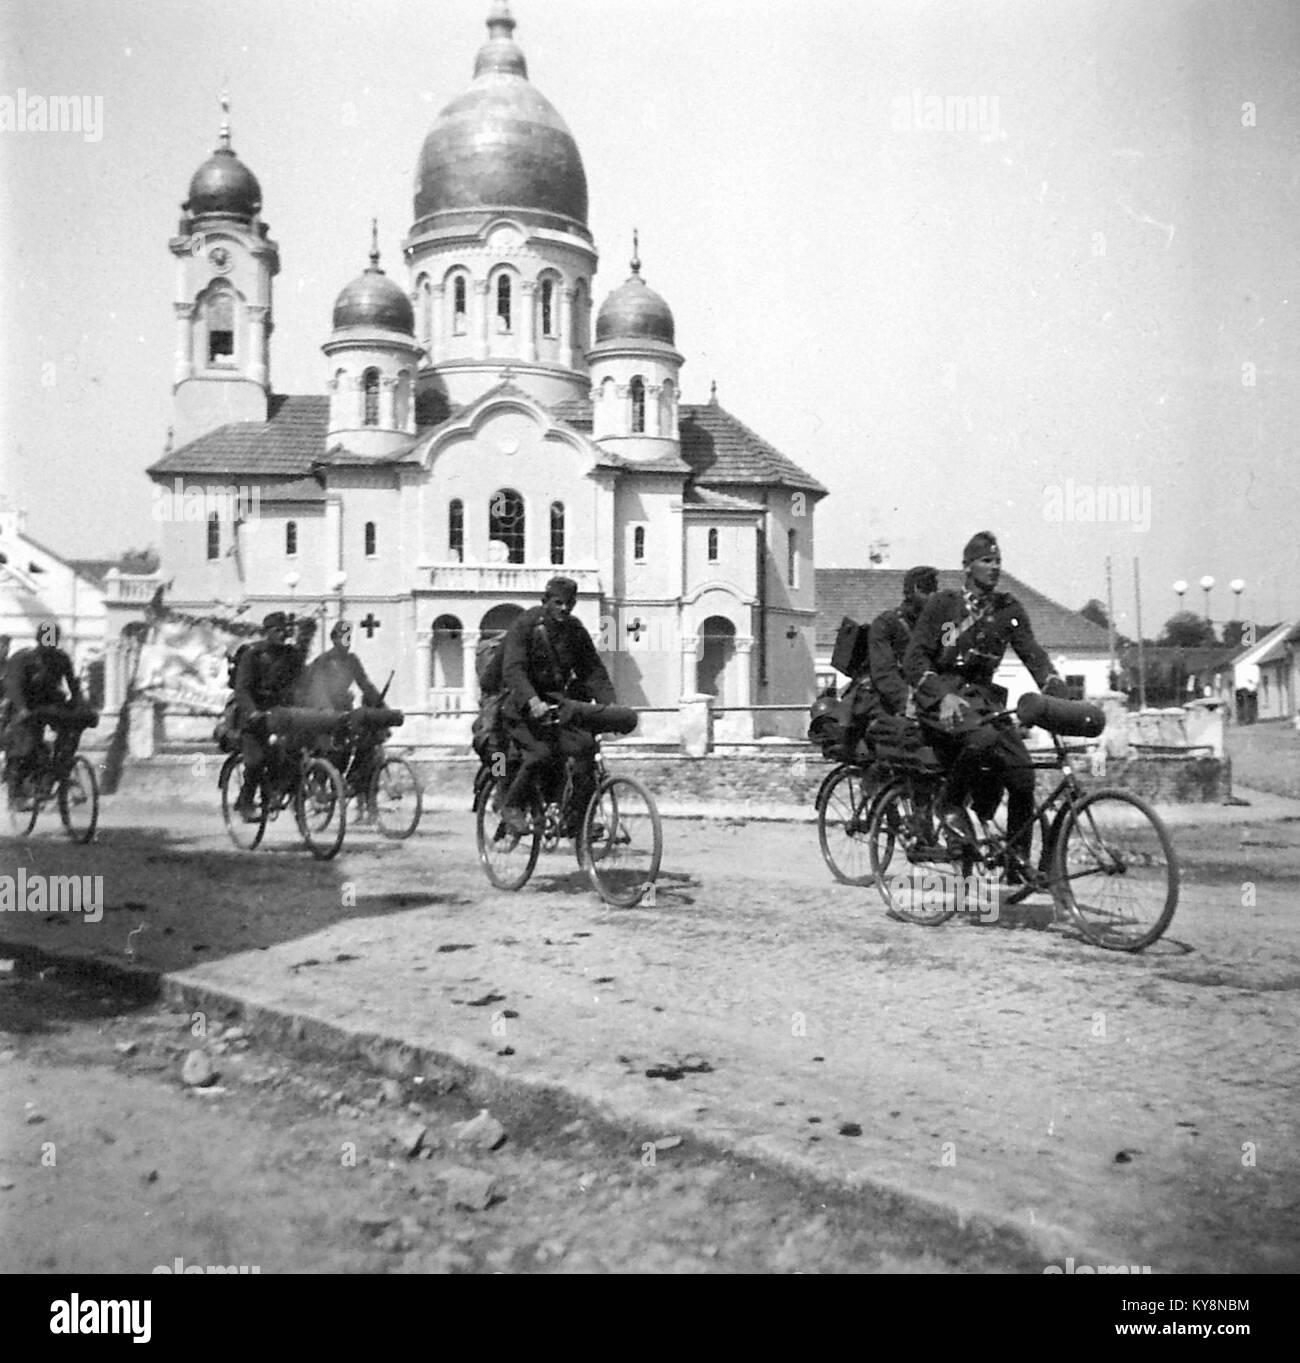 Piaţa Unirii, szemben az ortodox templom. Fortepan 2469 - Stock Image